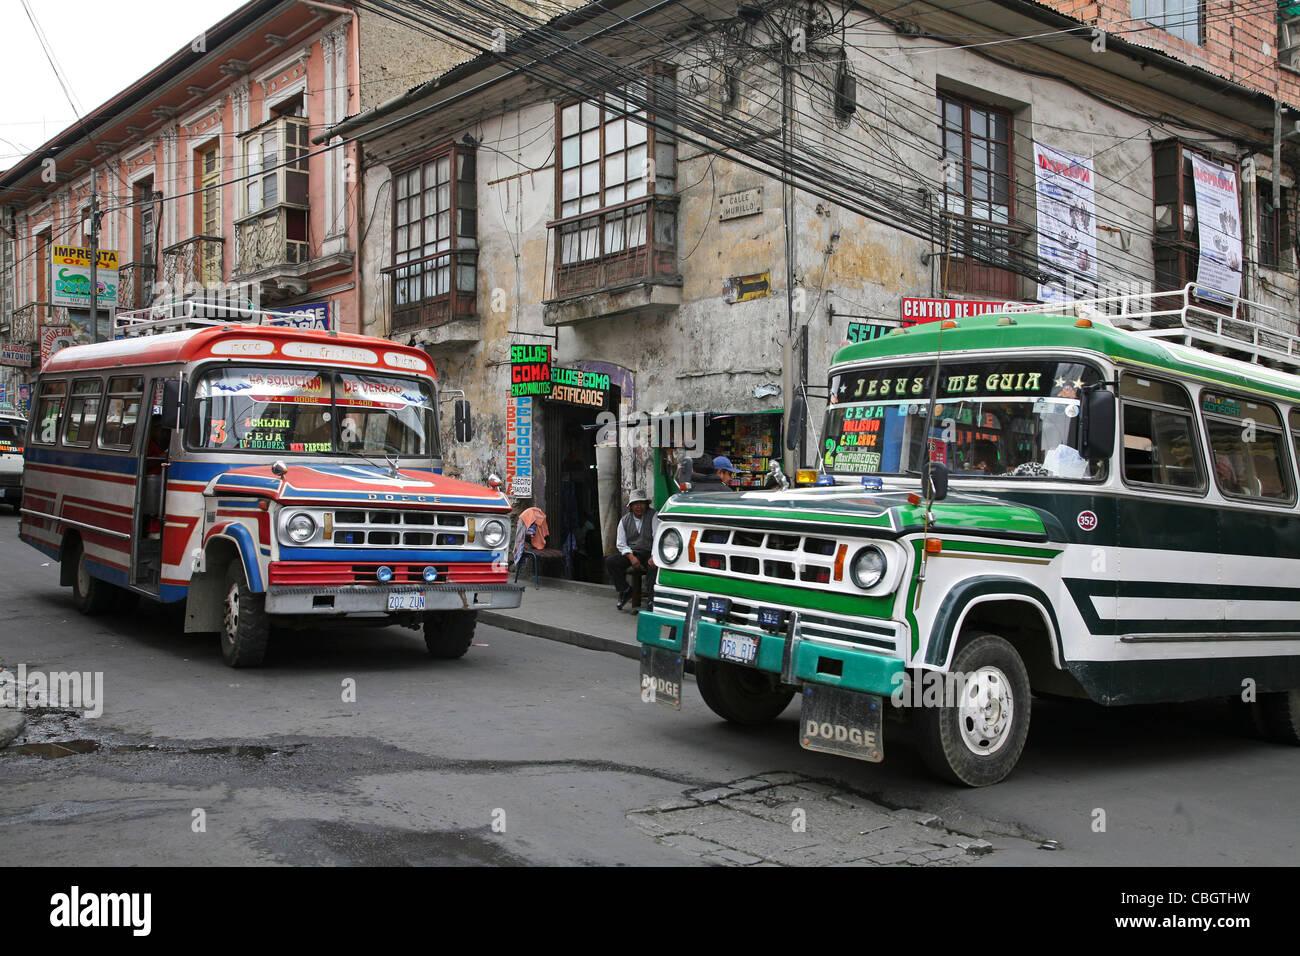 Esquina de la calle con coloridos autobuses de transporte público en la ciudad La Paz, Bolivia Imagen De Stock